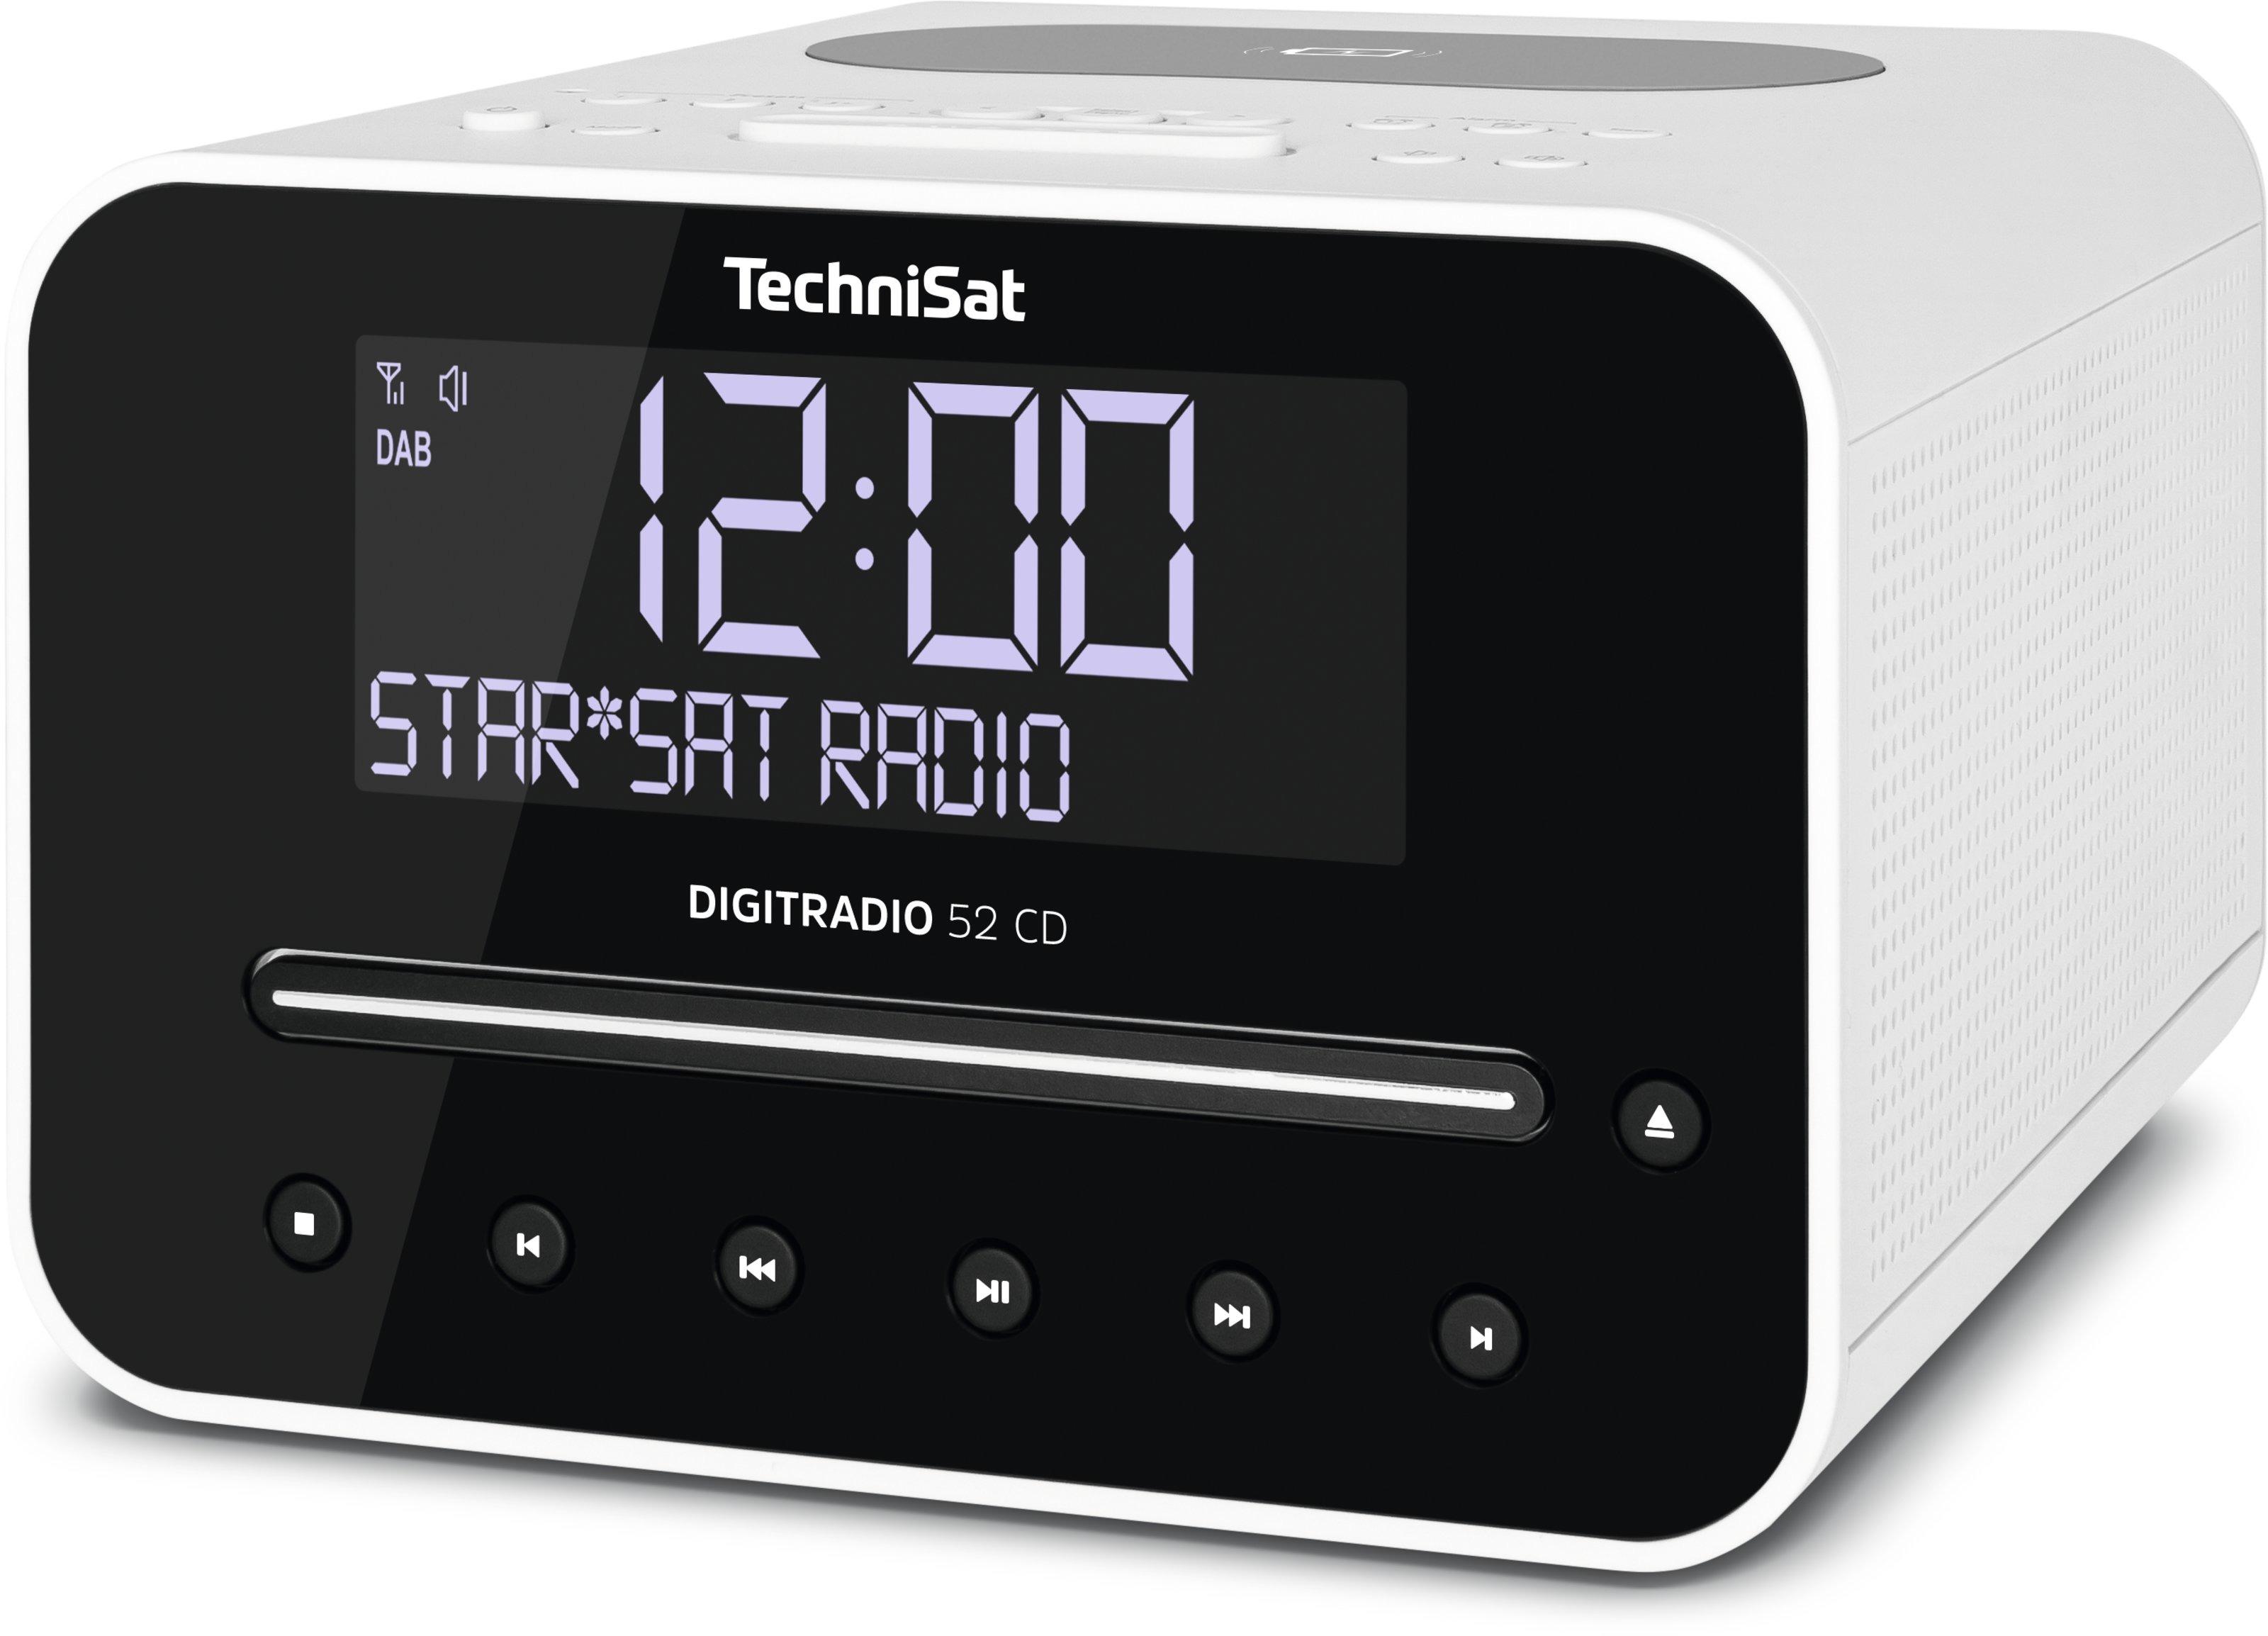 Foto van TechniSat Digitradio 52cd DAB radio